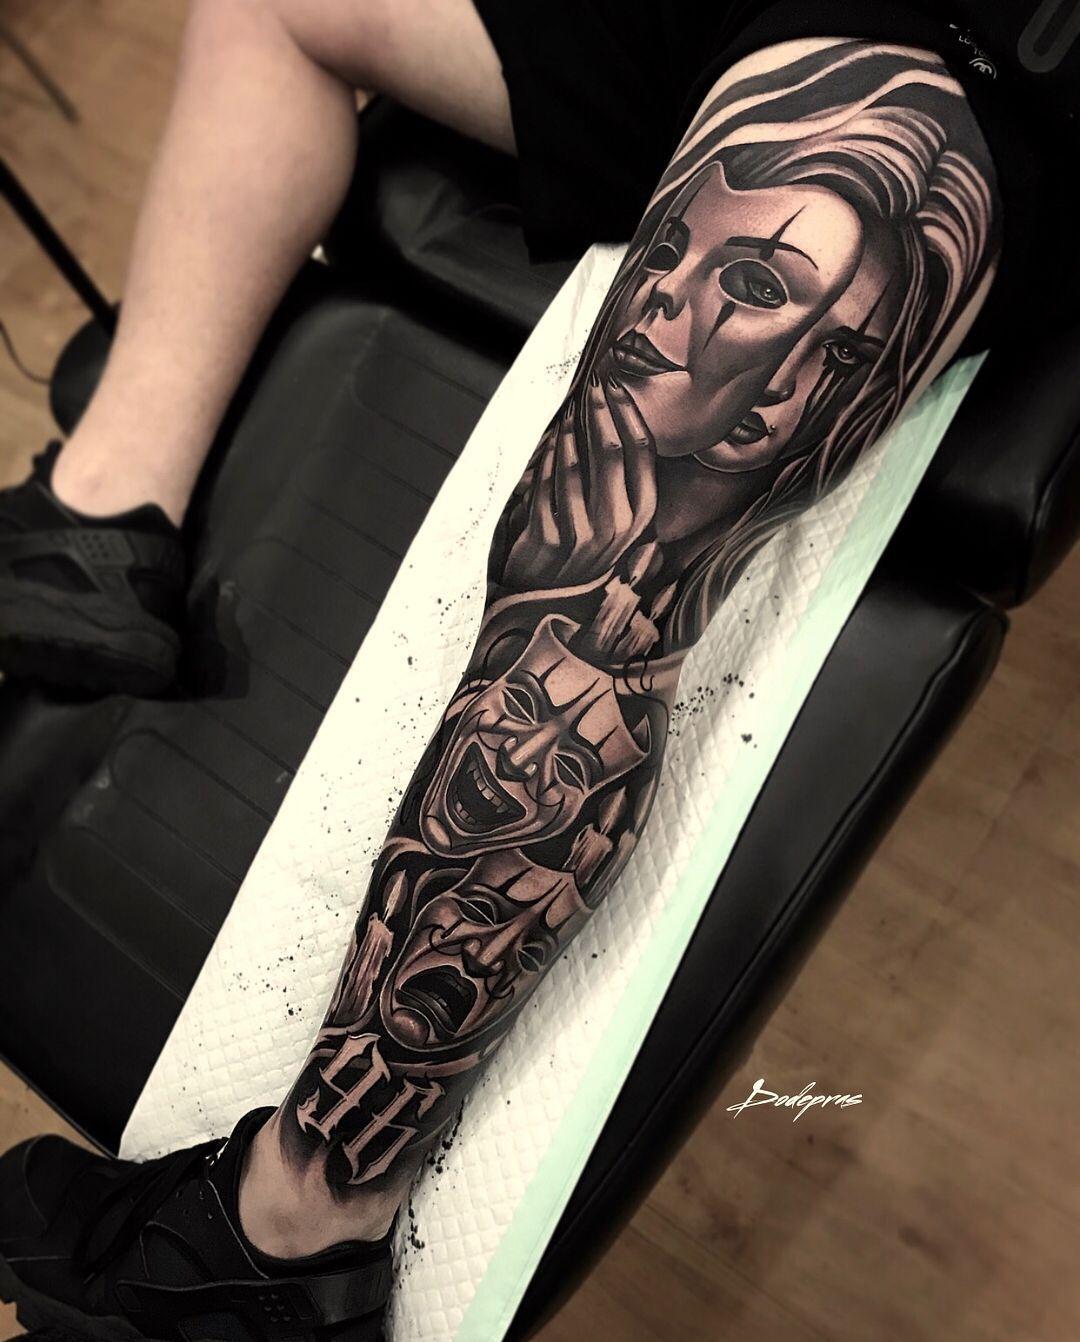 Mann bein tattoo Bein Tattoo